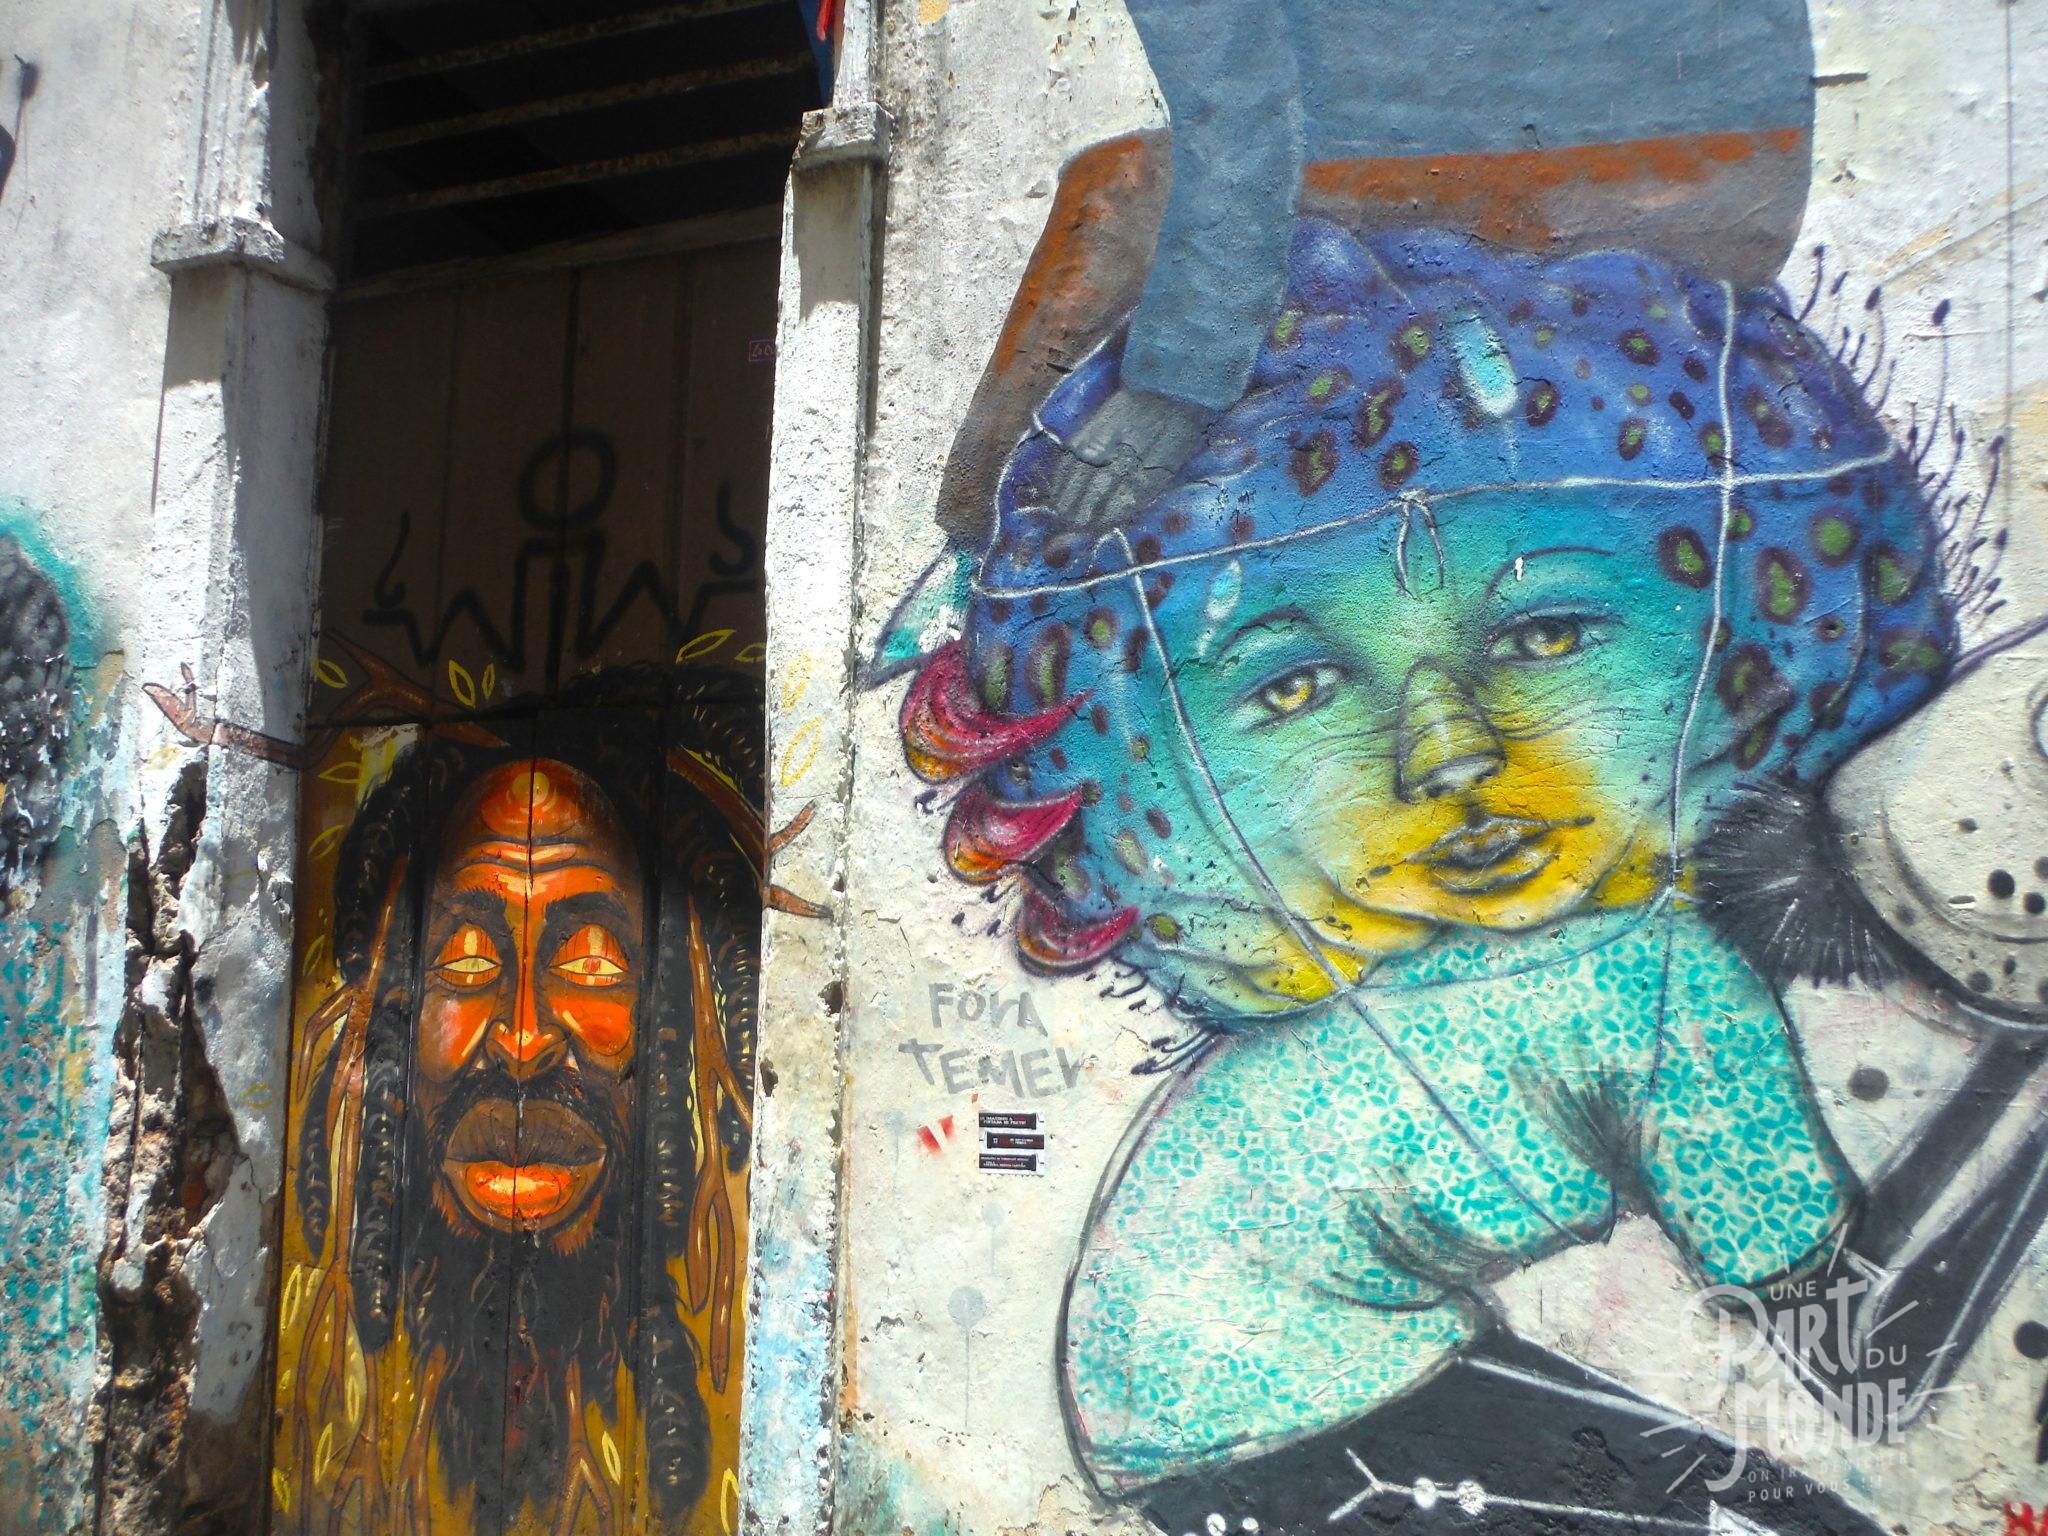 santo antonio salvador de bahia street art3